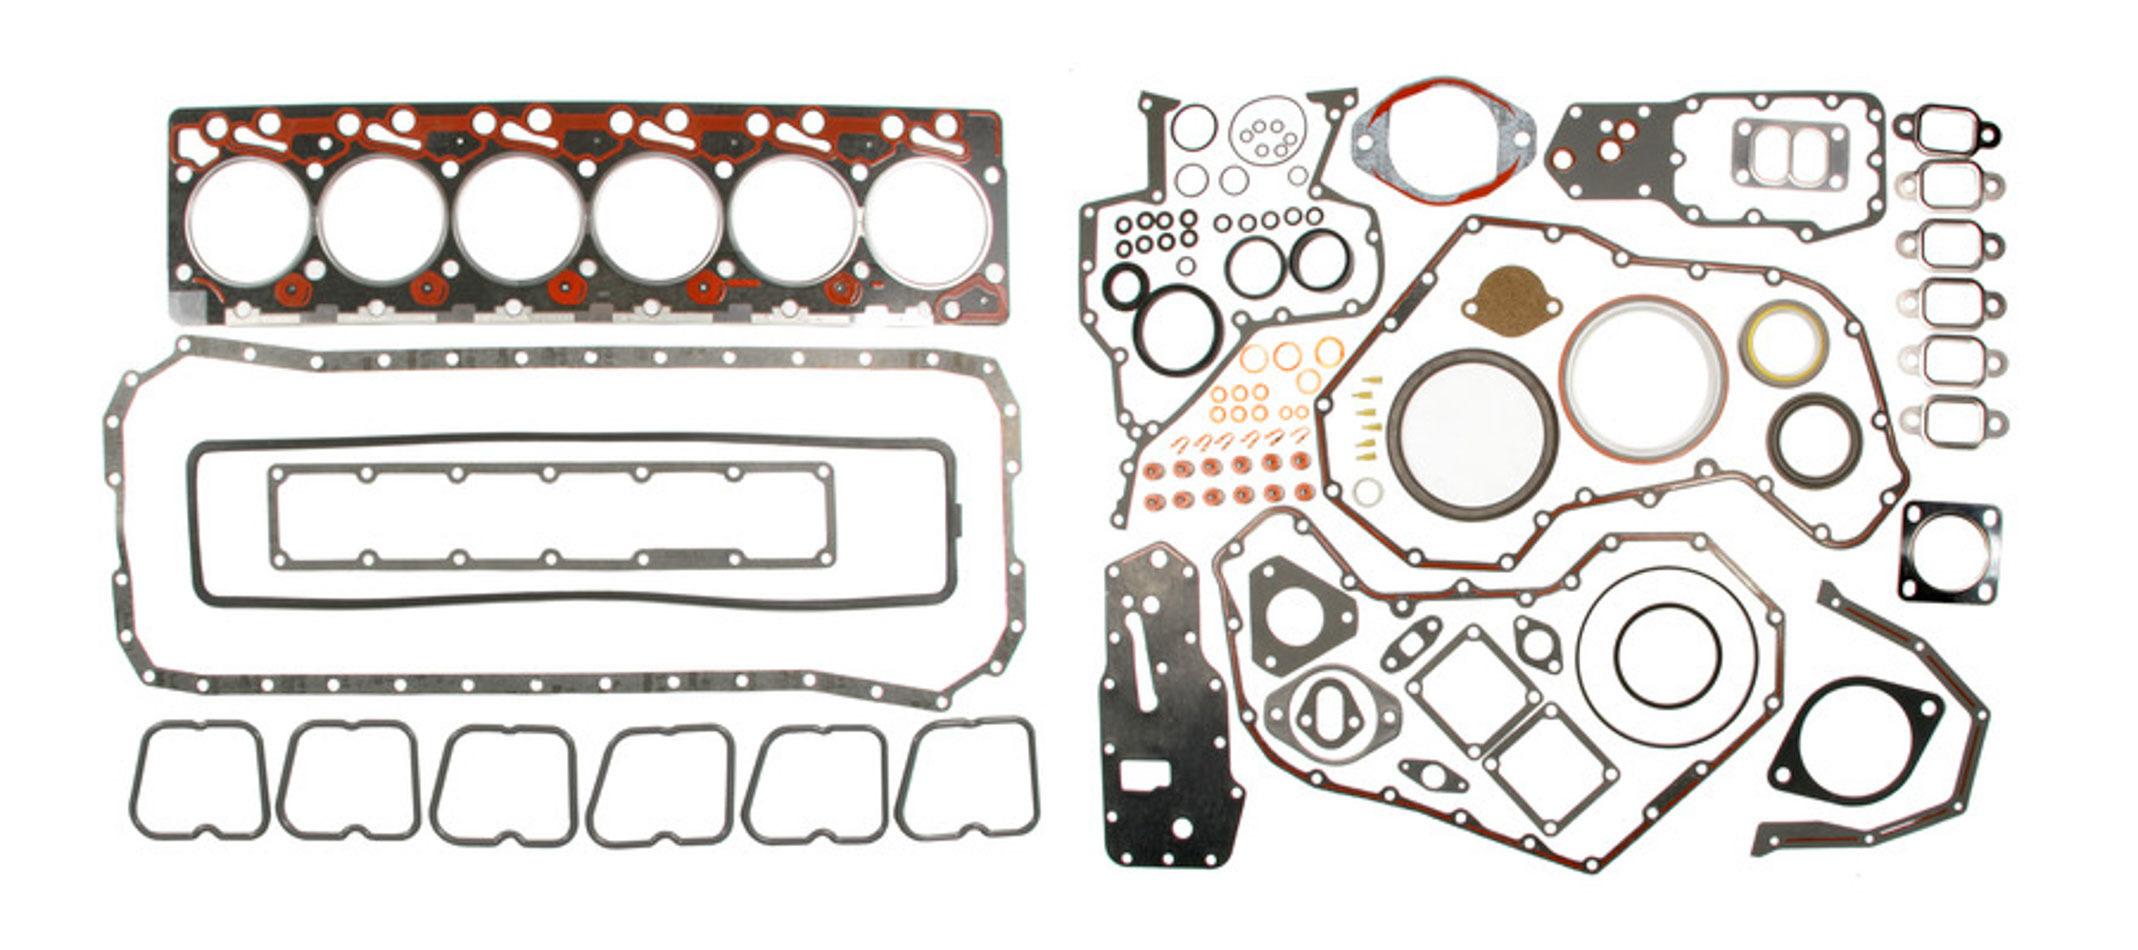 Engine Kit Gasket Set Dodge Cummins 5.9L